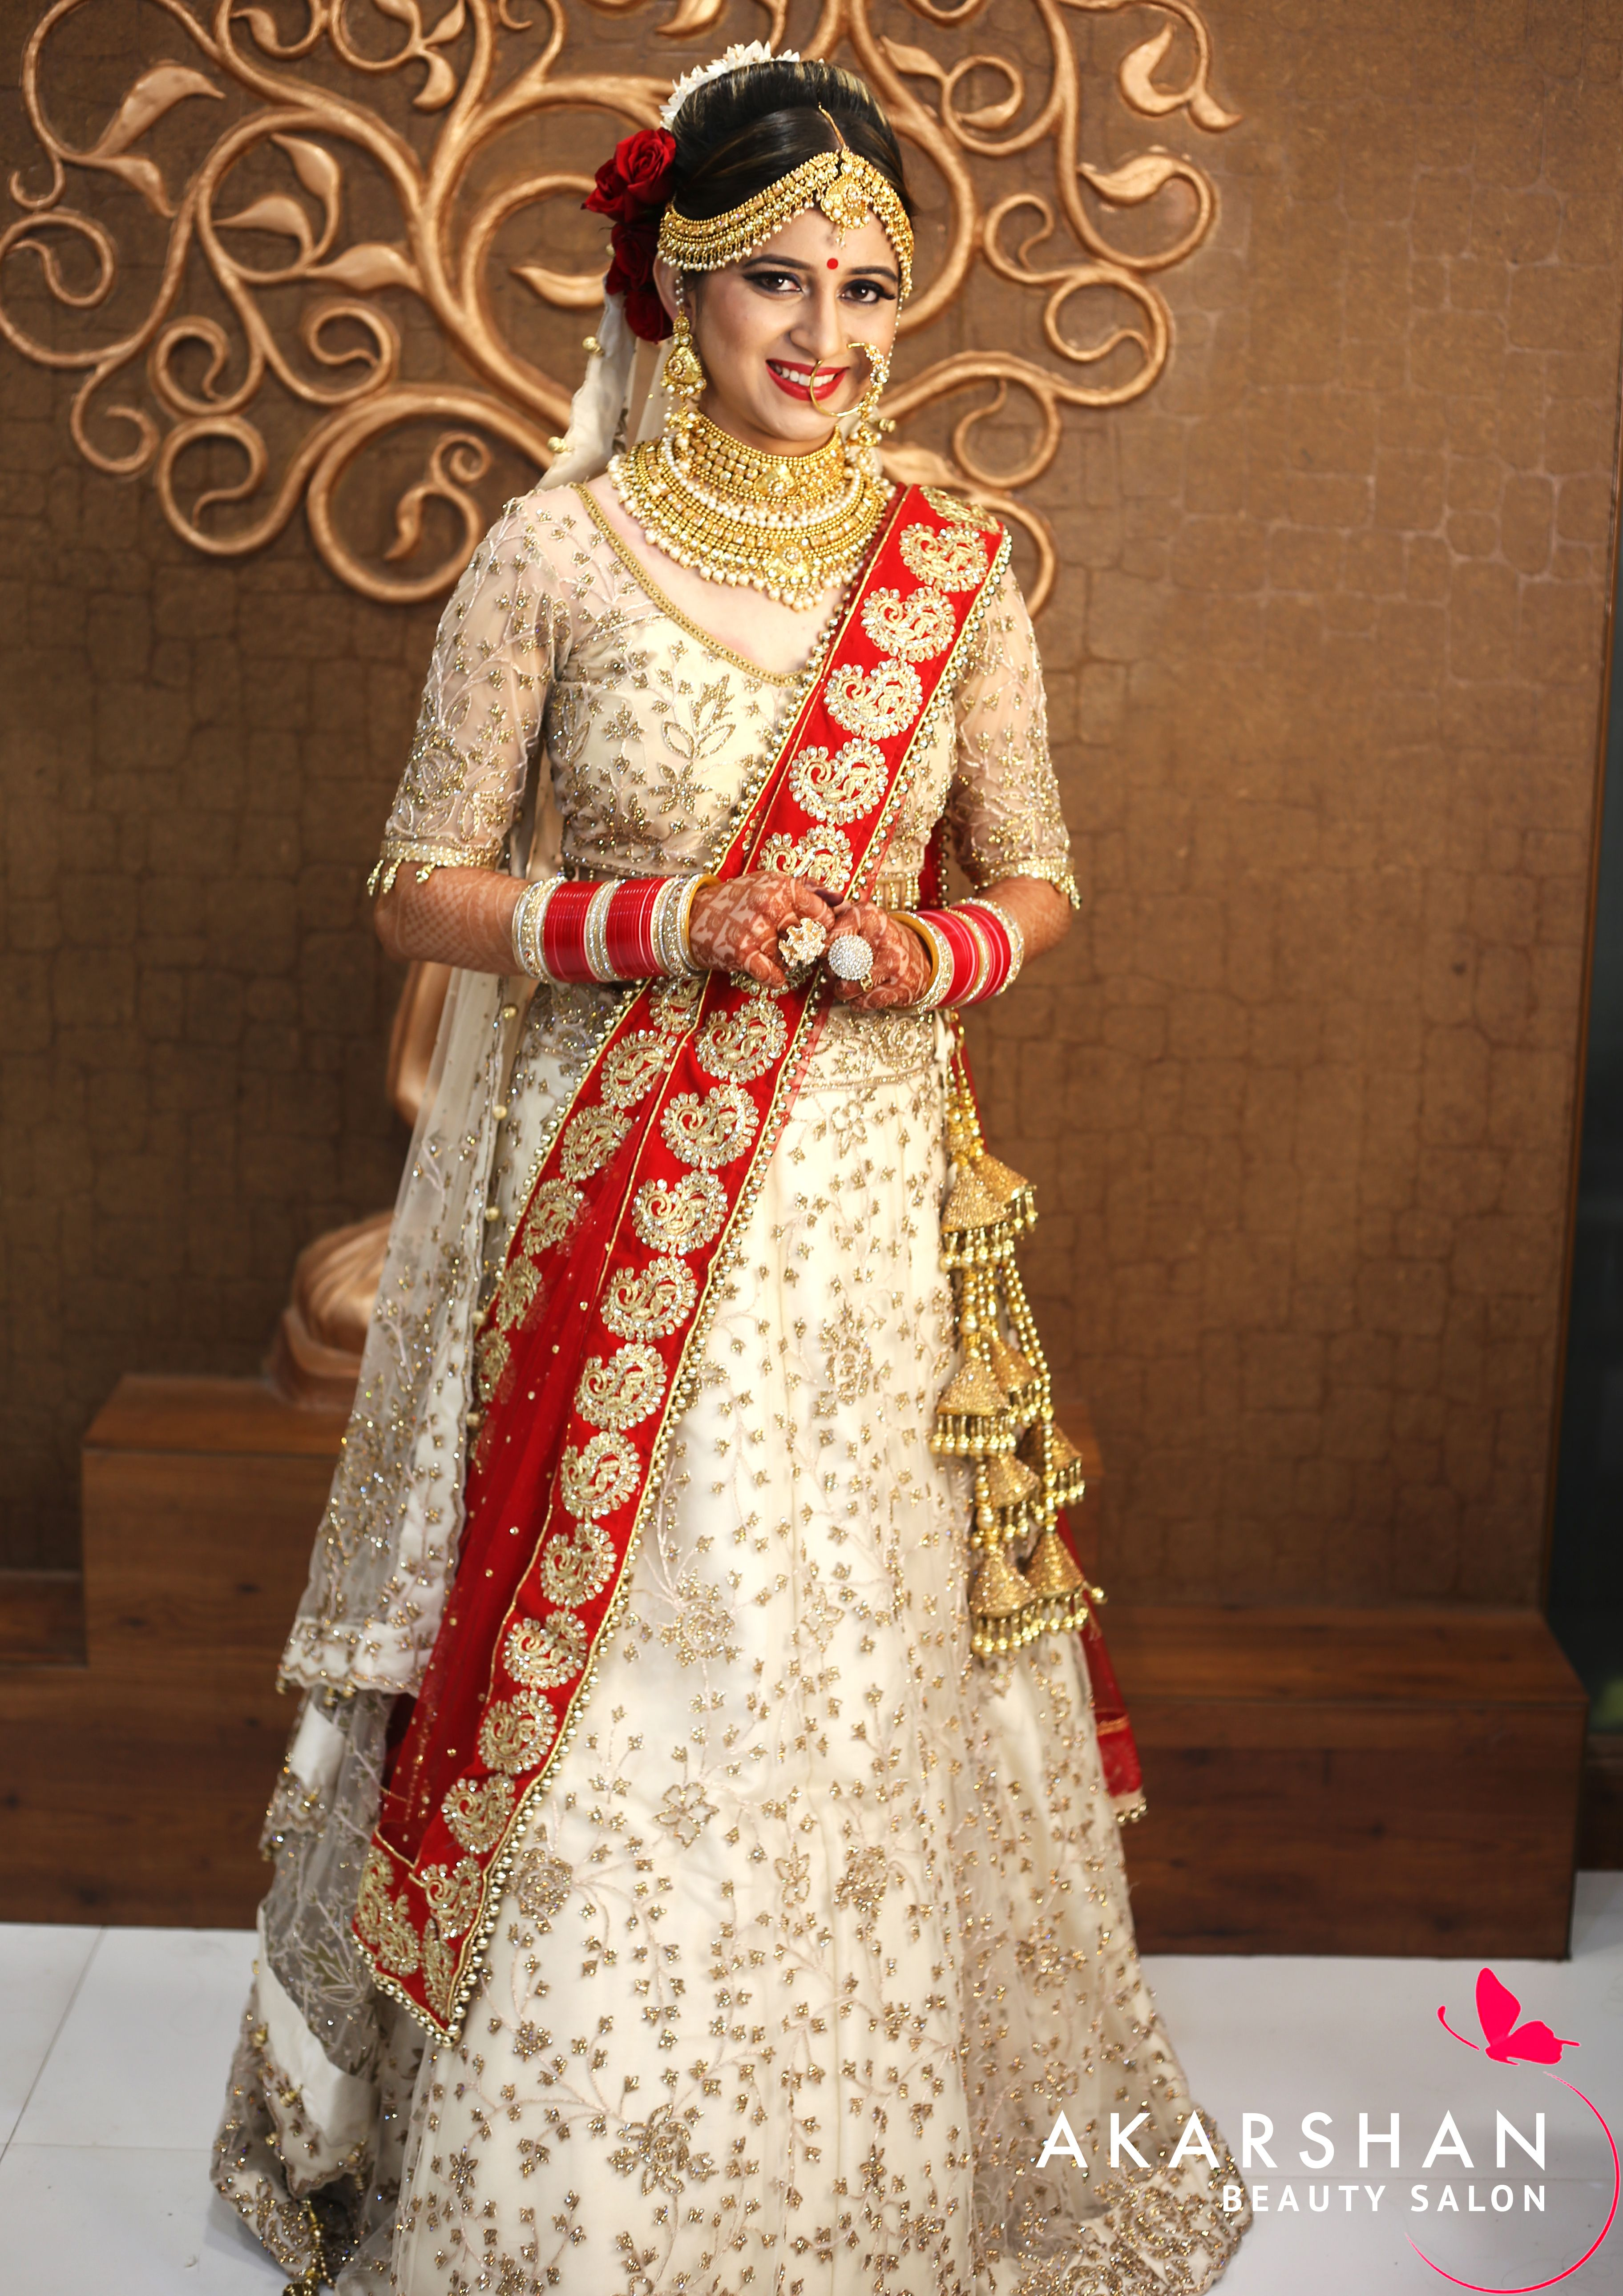 Hd Bridal Makeup With 3d Effects At Akarshan Beauty Salon By Asha Jeswani Hd Bridal Makeup Bridal Makeup Beauty